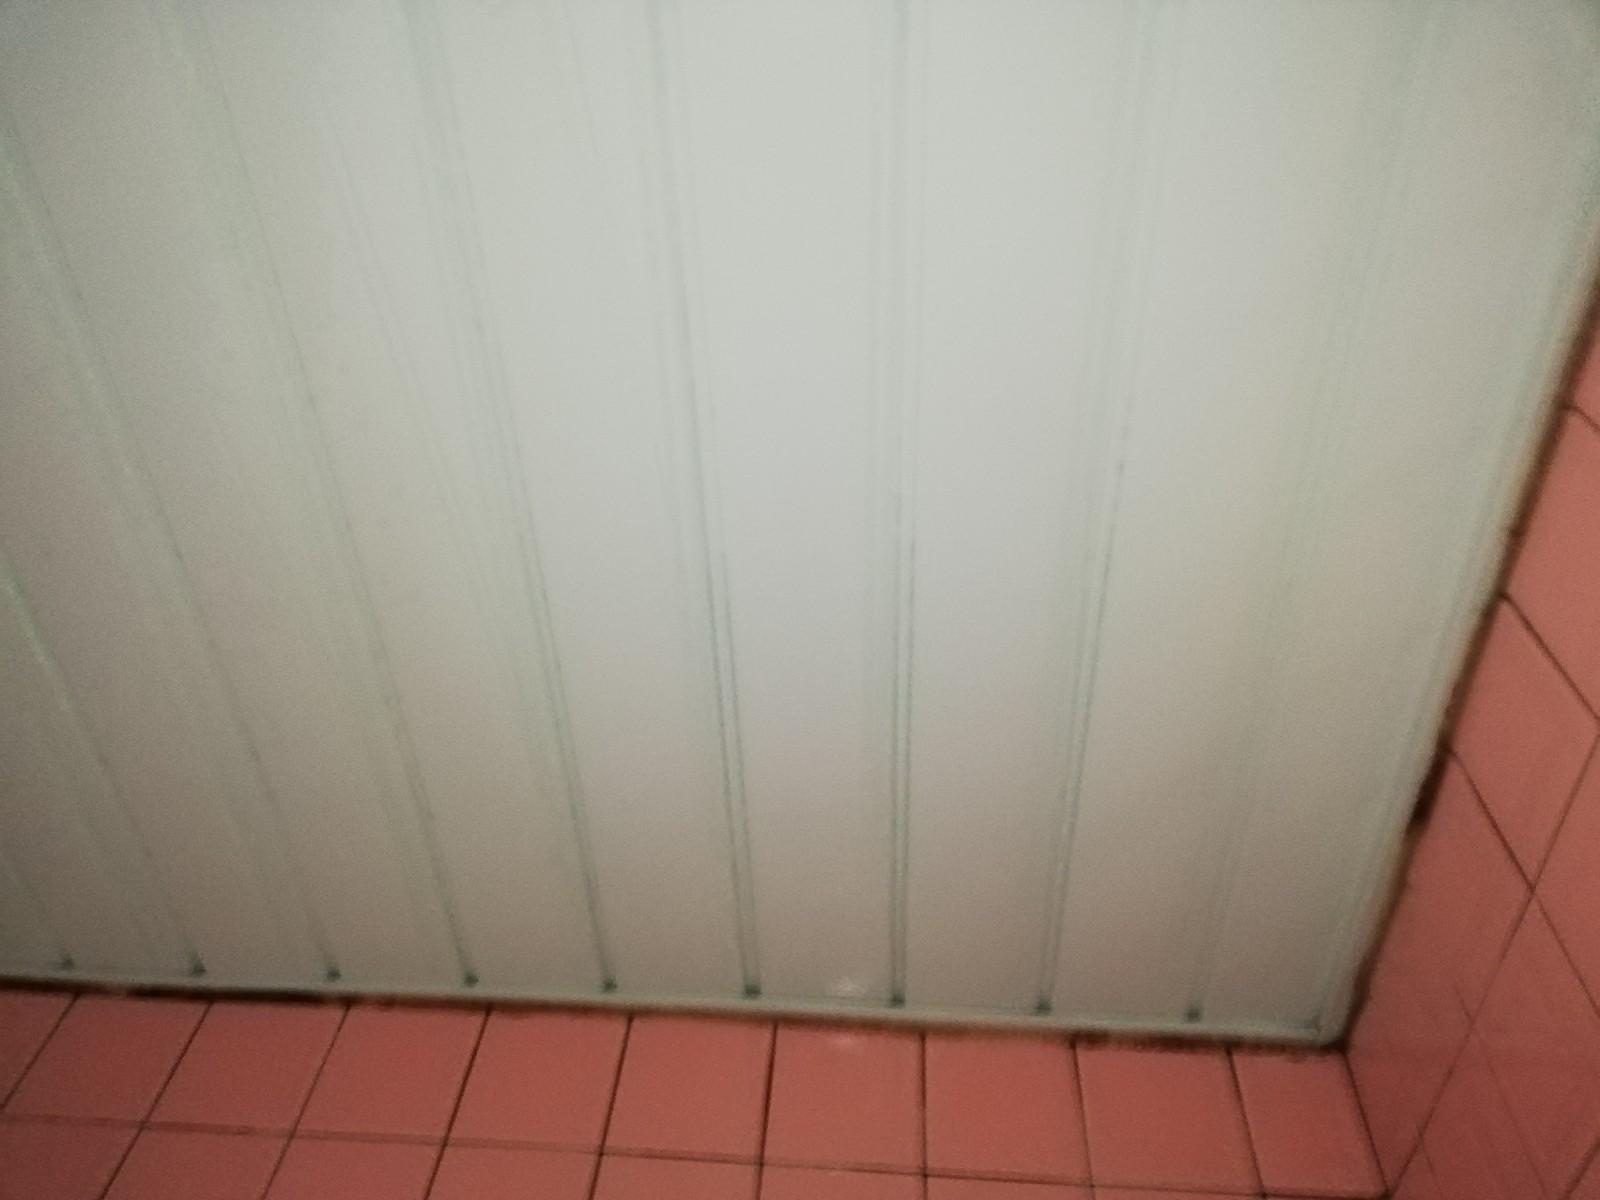 浴室の天井のカビが気になって仕方ない!キレイになりますか?After